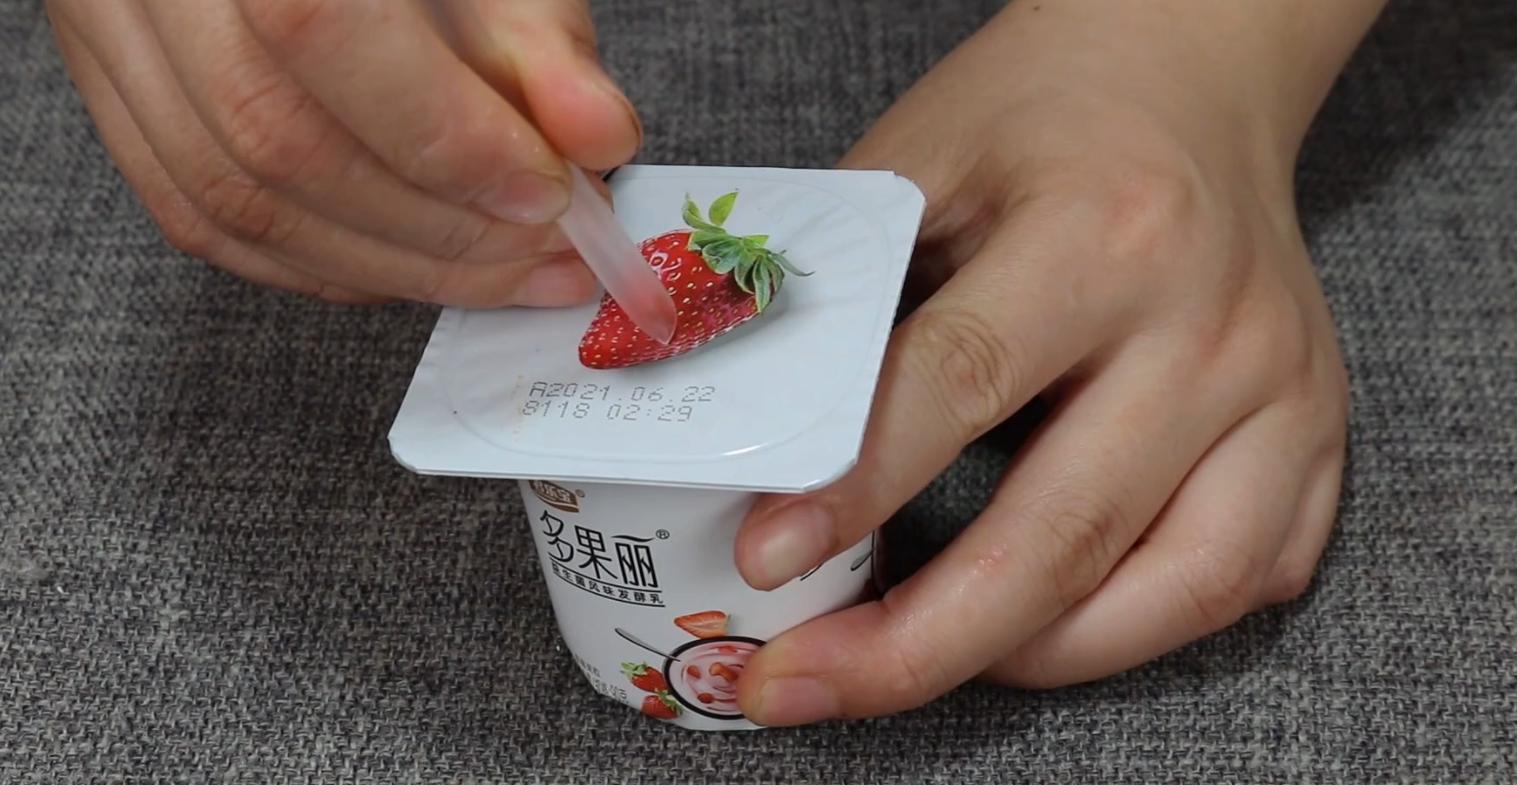 今天才知道,酸奶盖上有机关,喝前记得转一转,这方法太棒了